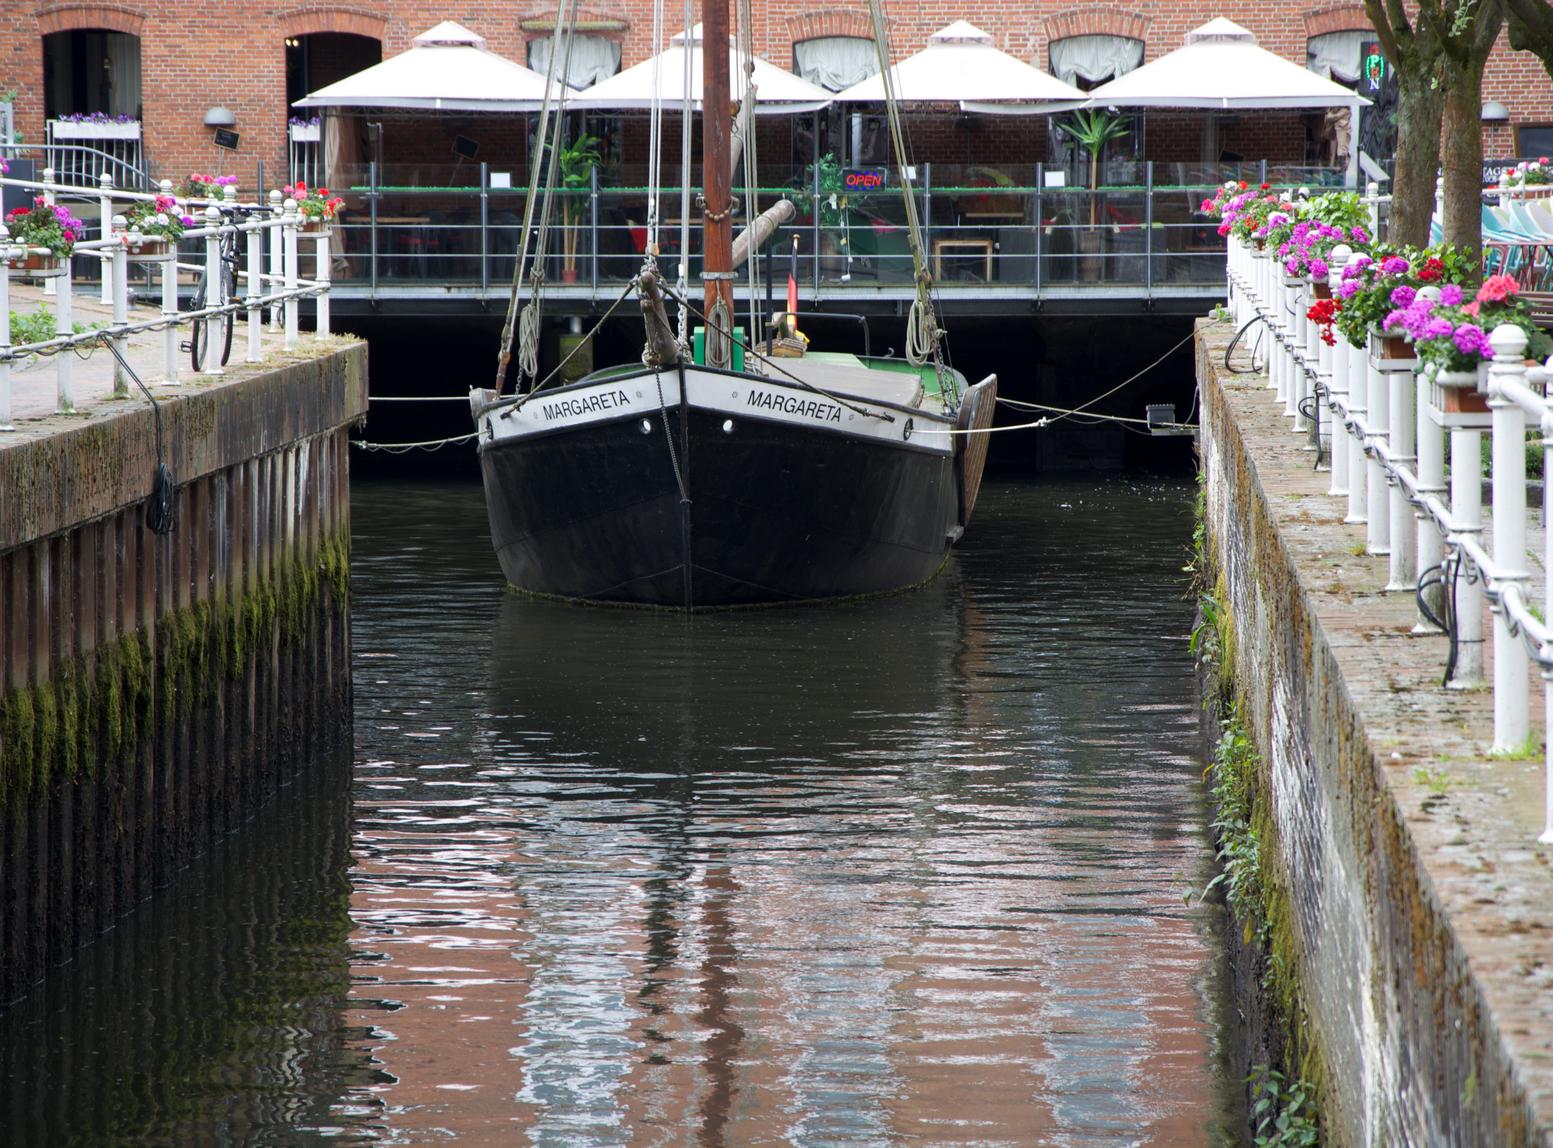 Das Frachtschiff MARGARETA aus dem Jahr 1897 verkehrte auf der Niederelbe bis ins Jahr 1950. 1991 restauriert Durch den Förderverein ALTSTADT BUXTEHUDE.